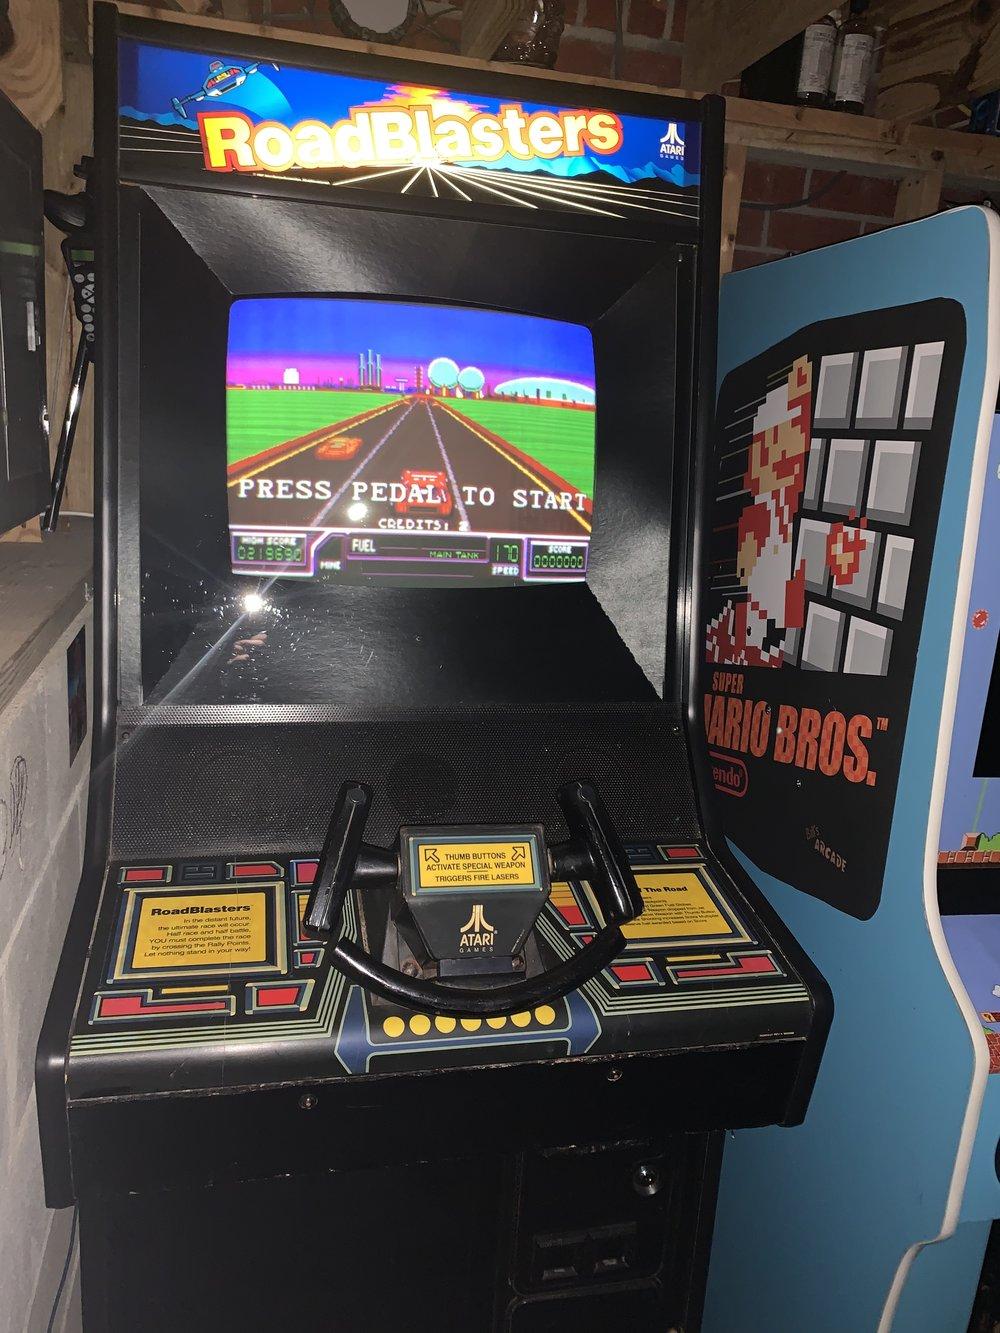 Atari RoadBlasters